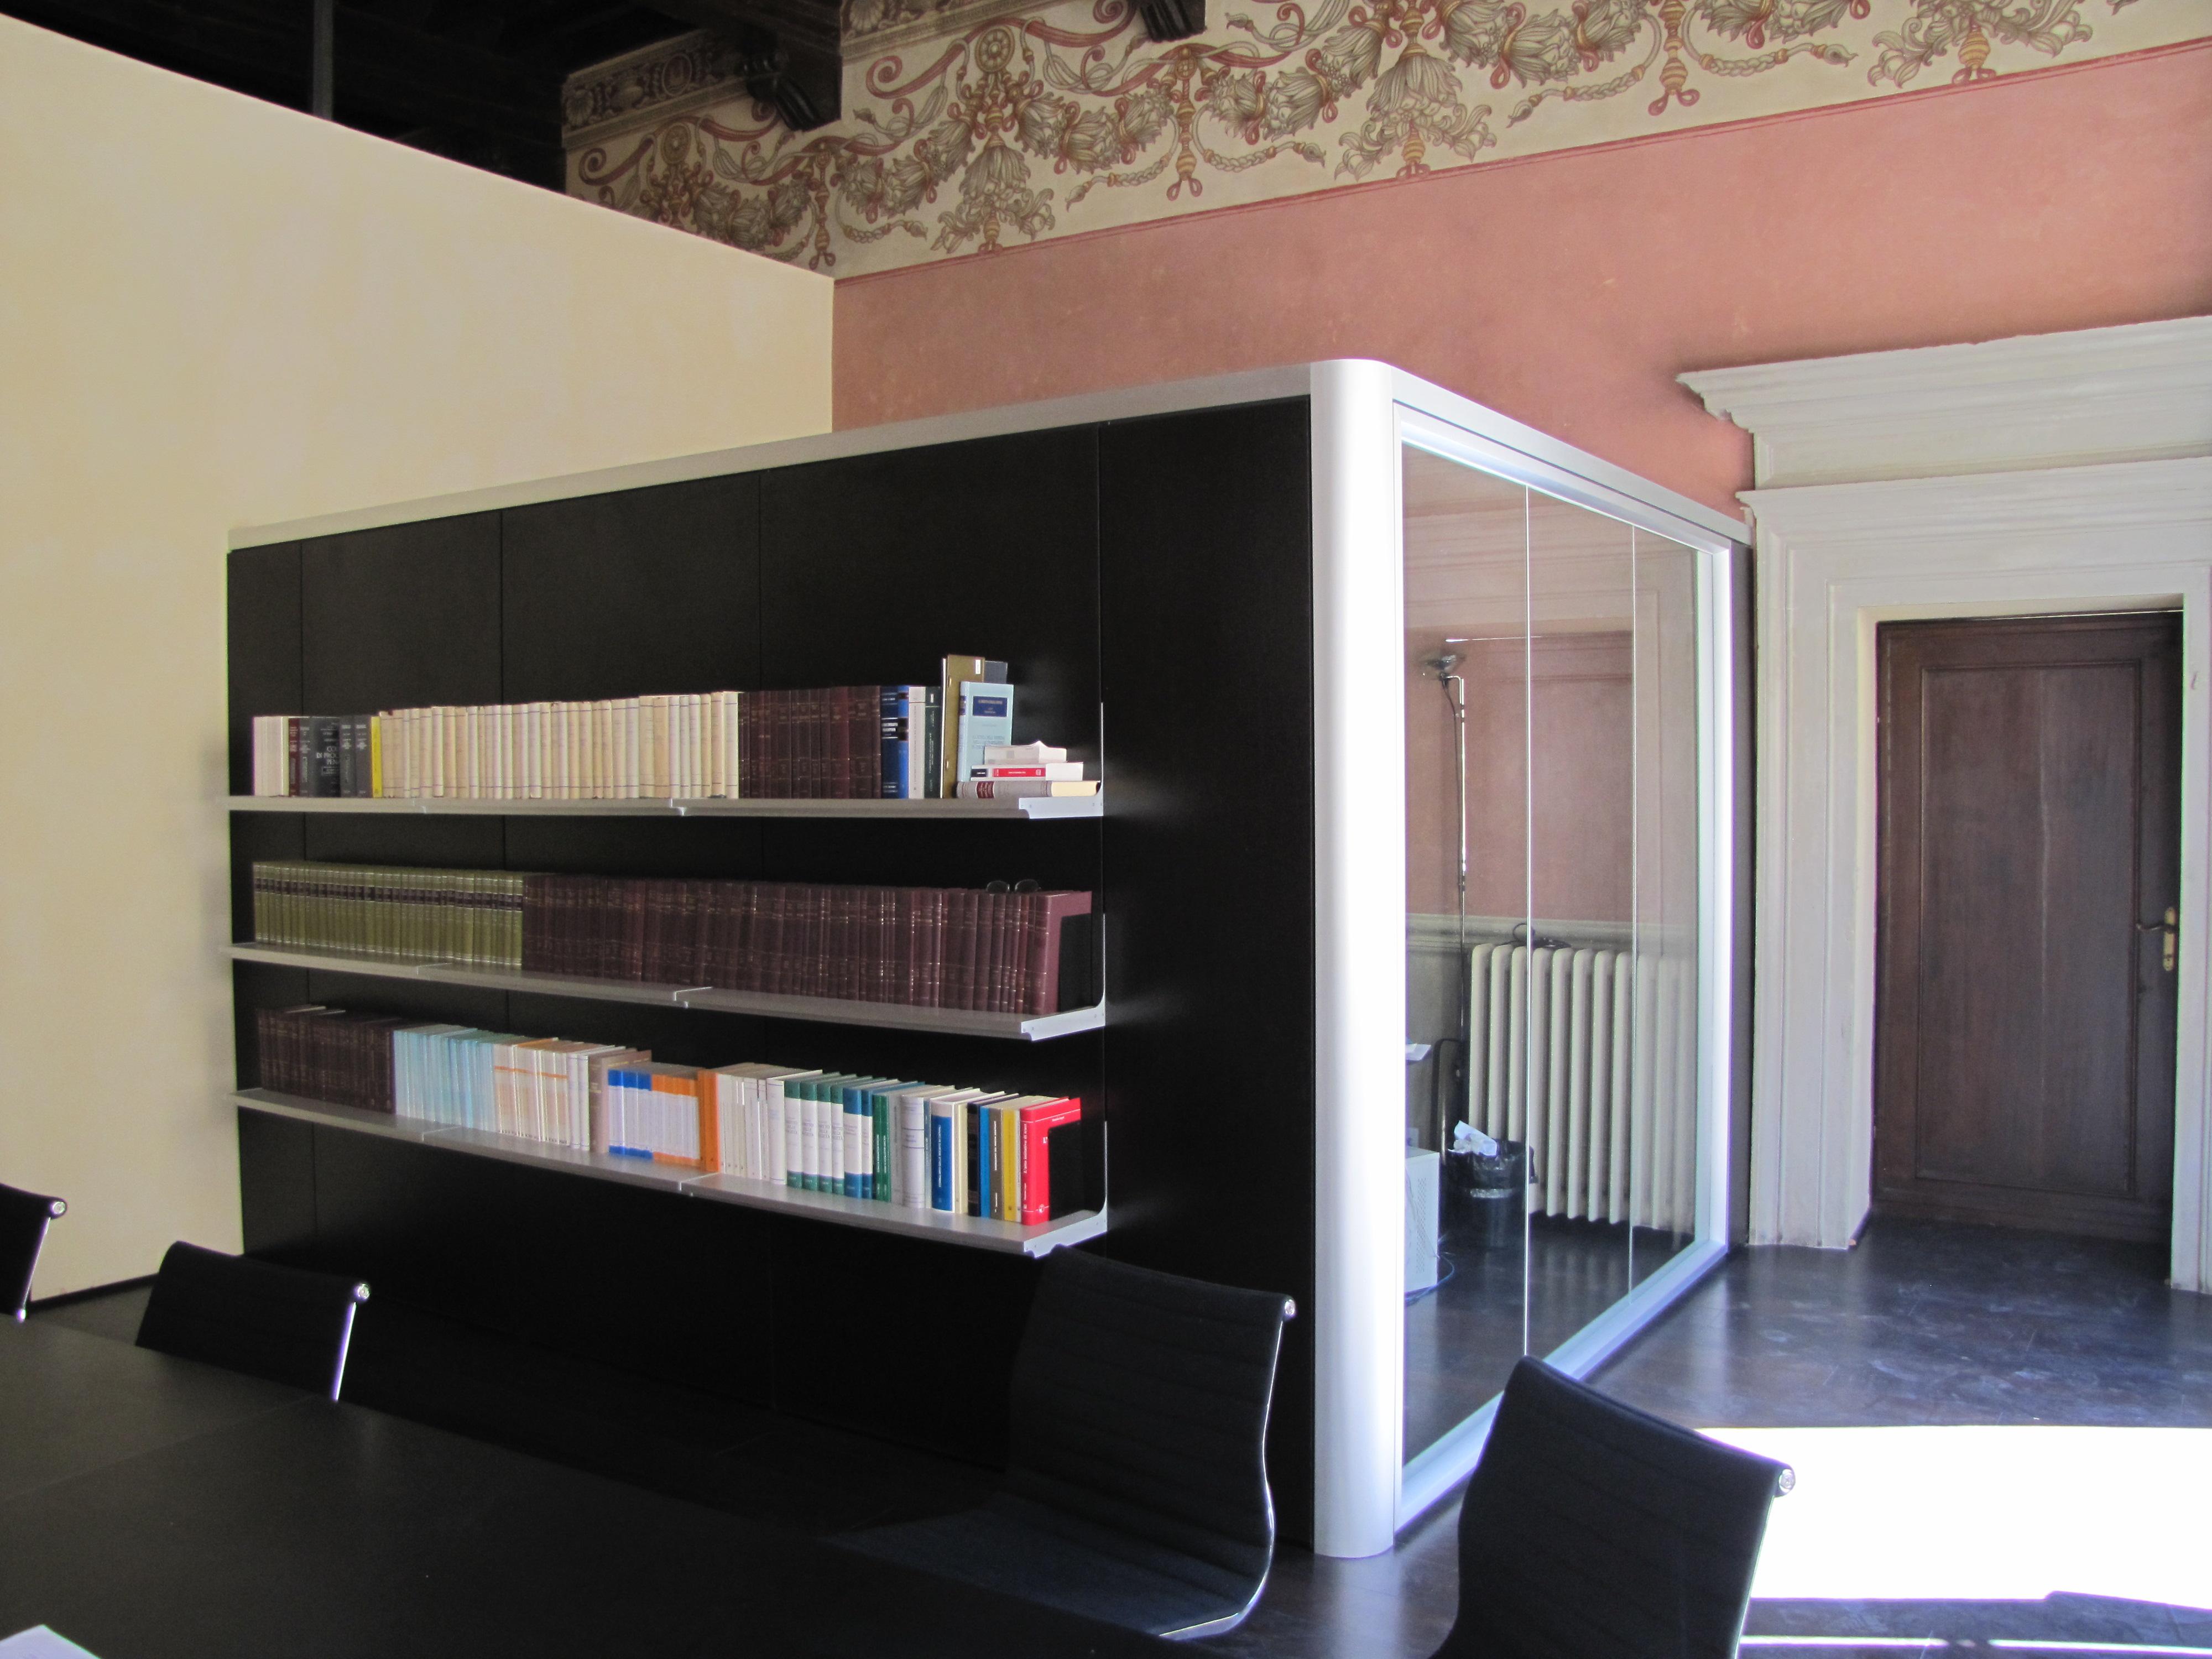 studio legale gatteschi, arredamento ufficio by nuova tecnocopy ... - Arredamento Moderno Per Studio Legale